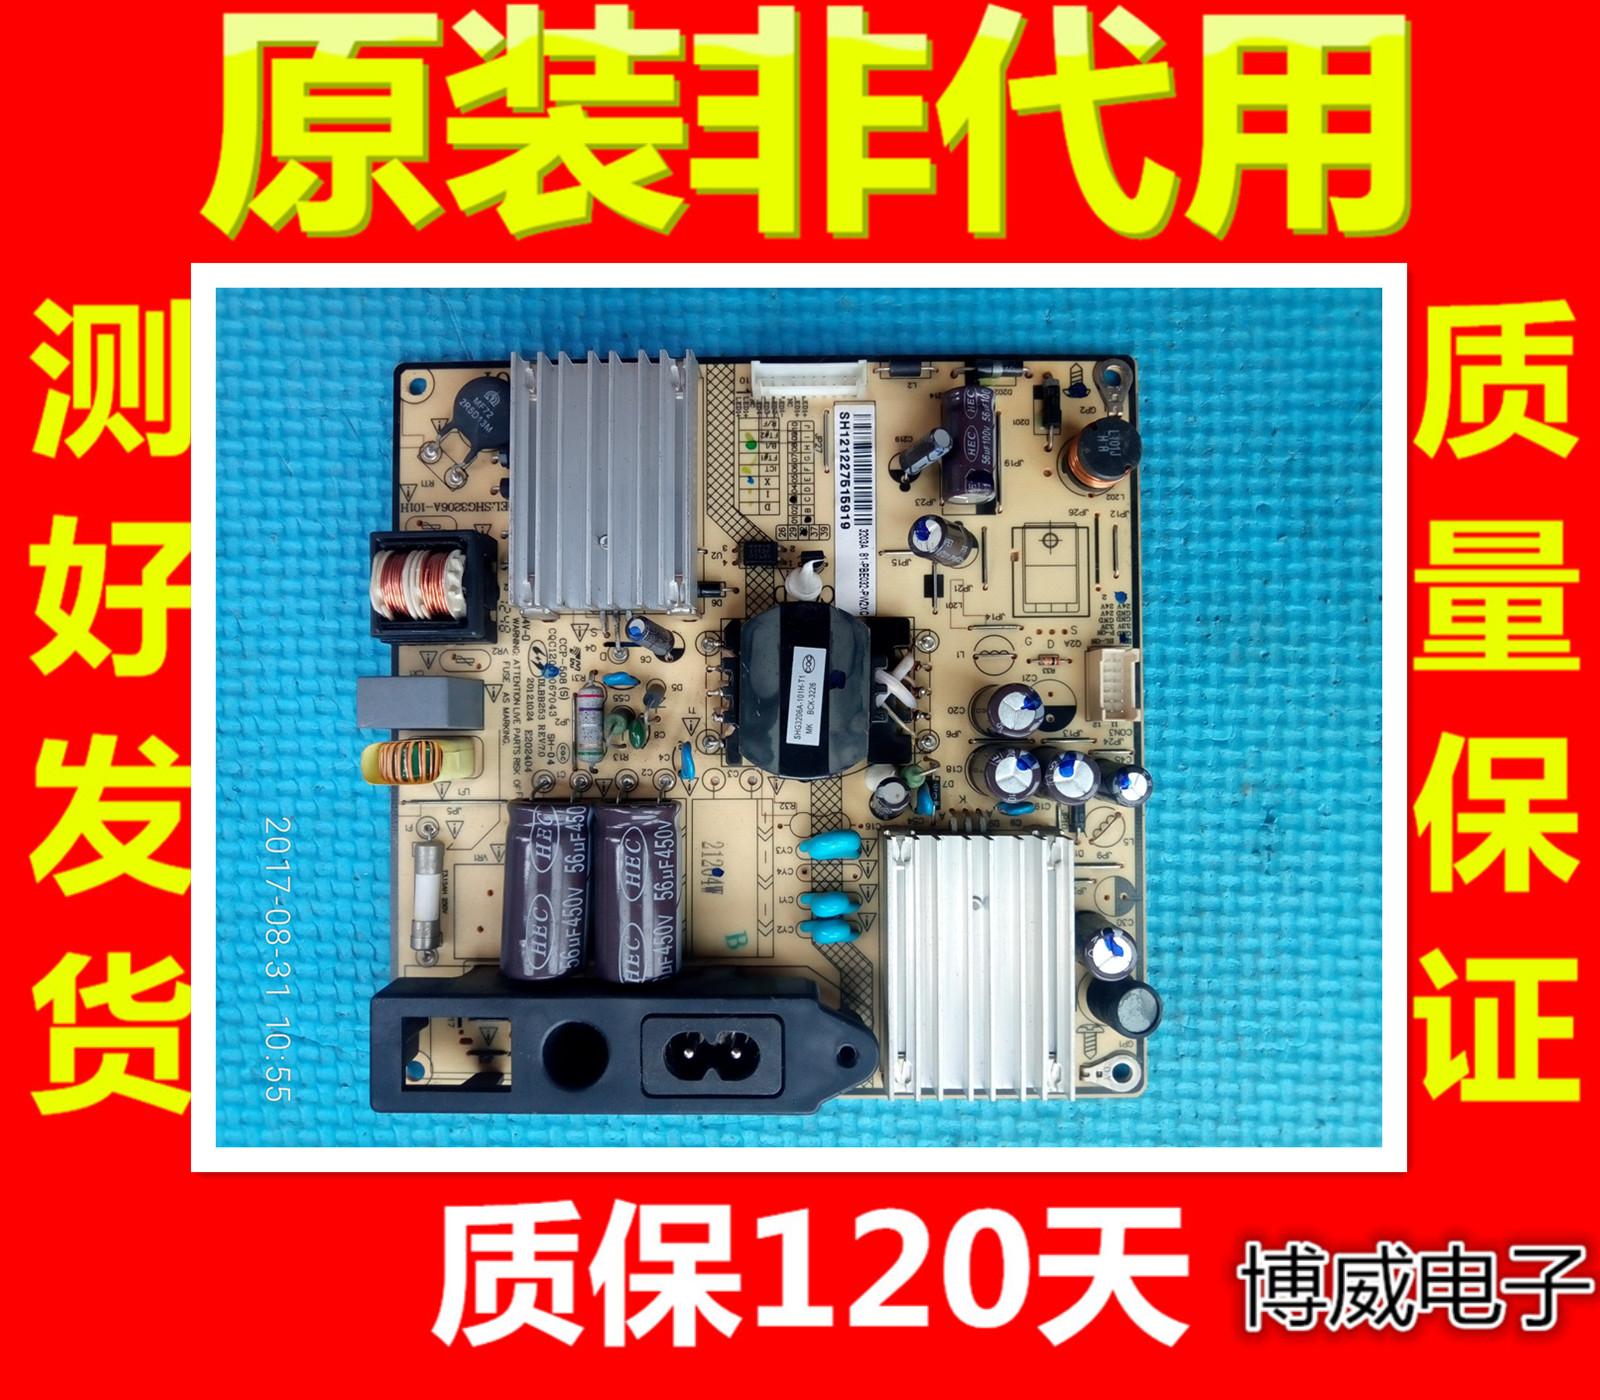 TCLL32F3320B32 - дюймовый жк - цветной телевизор электропитания постоянного тока Совет BB77 подсветки импульс высокого давления